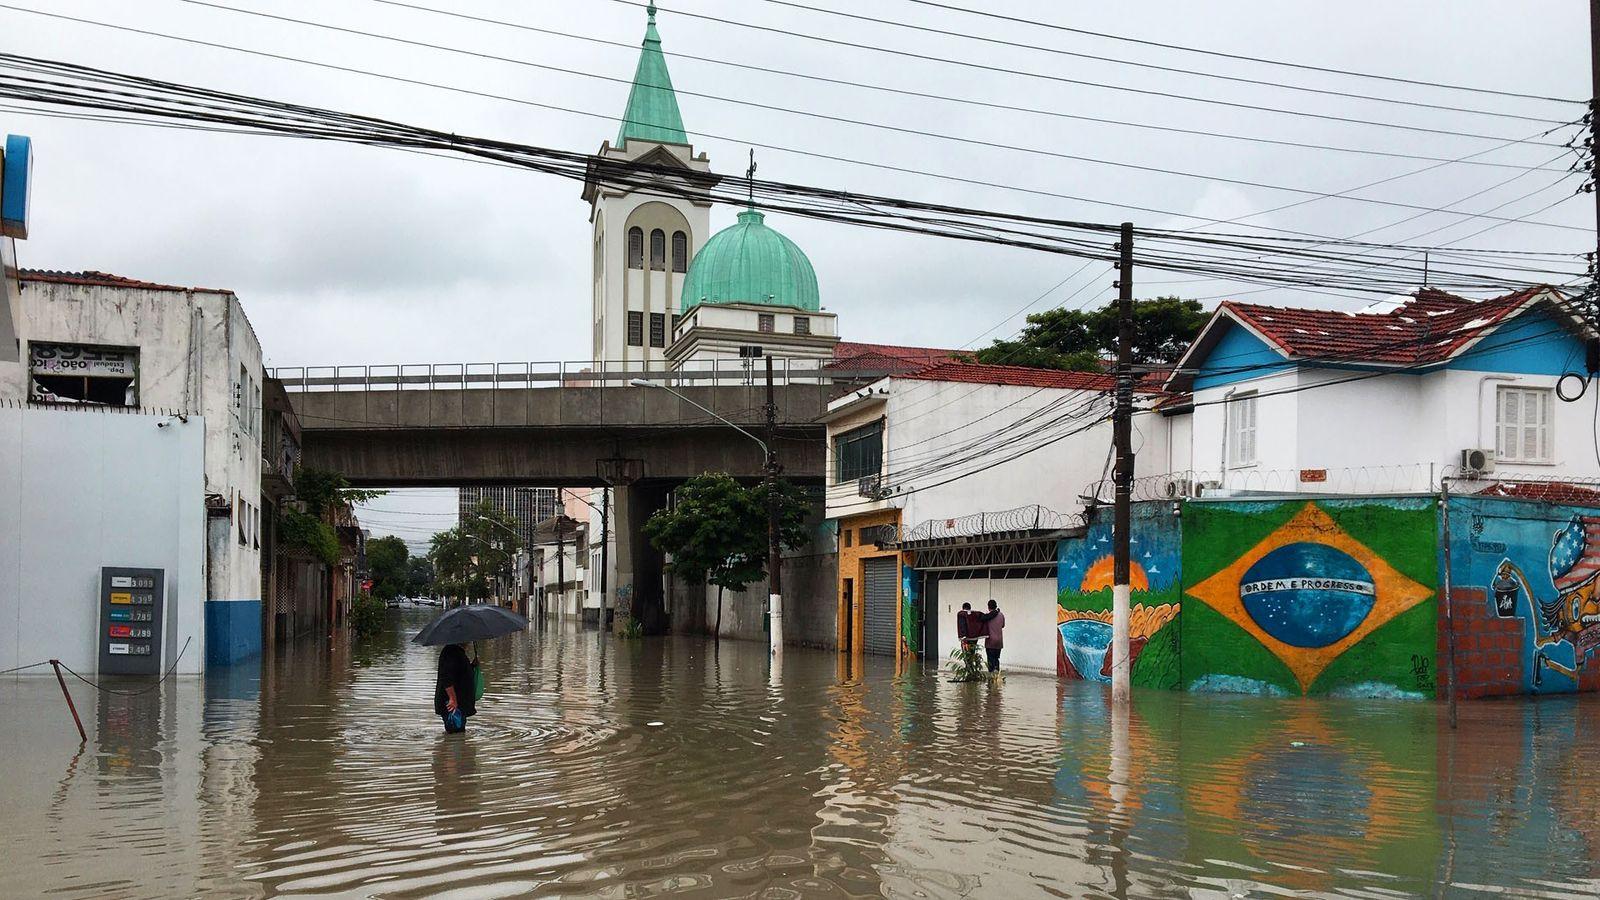 Pela proximidade com o rio Tietê, o bairro Ponte Pequena, na região central de São Paulo, ...